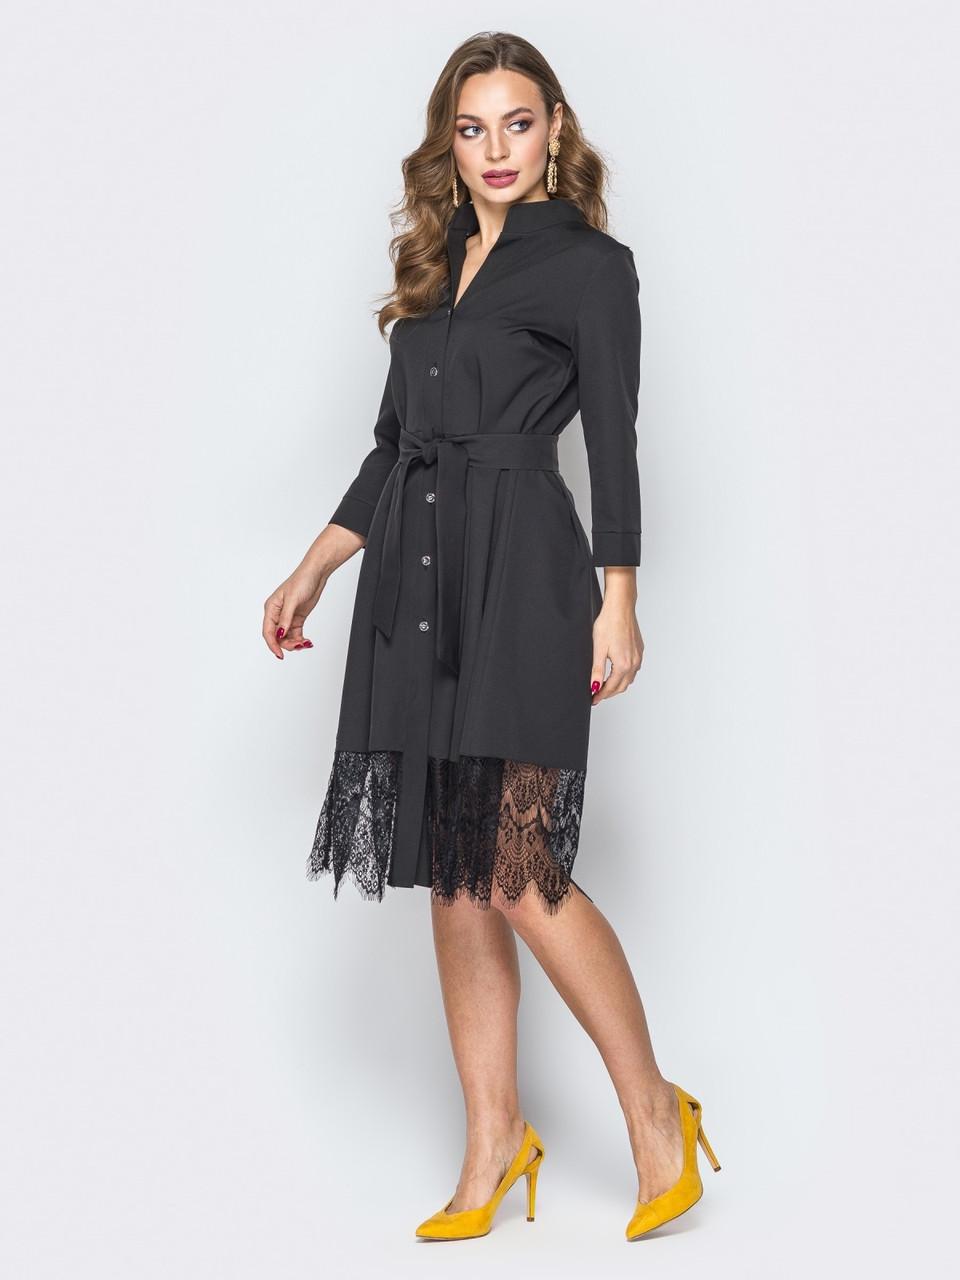 53a47feb08f Нарядное женское черное платье-рубашка с кружевом р.42